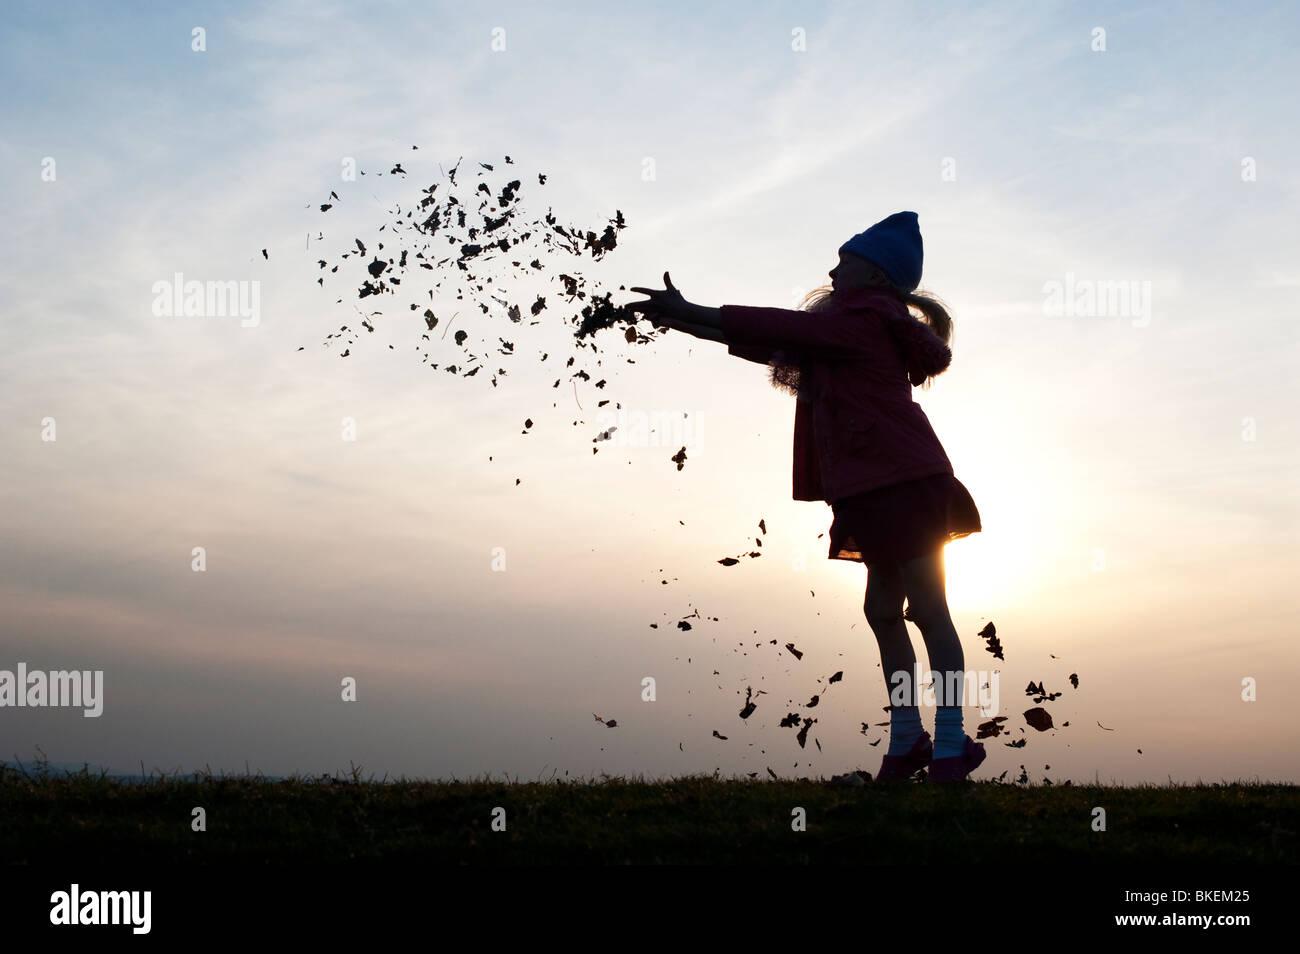 Jeune fille s'amusant de jeter les feuilles. Silhouette Photo Stock